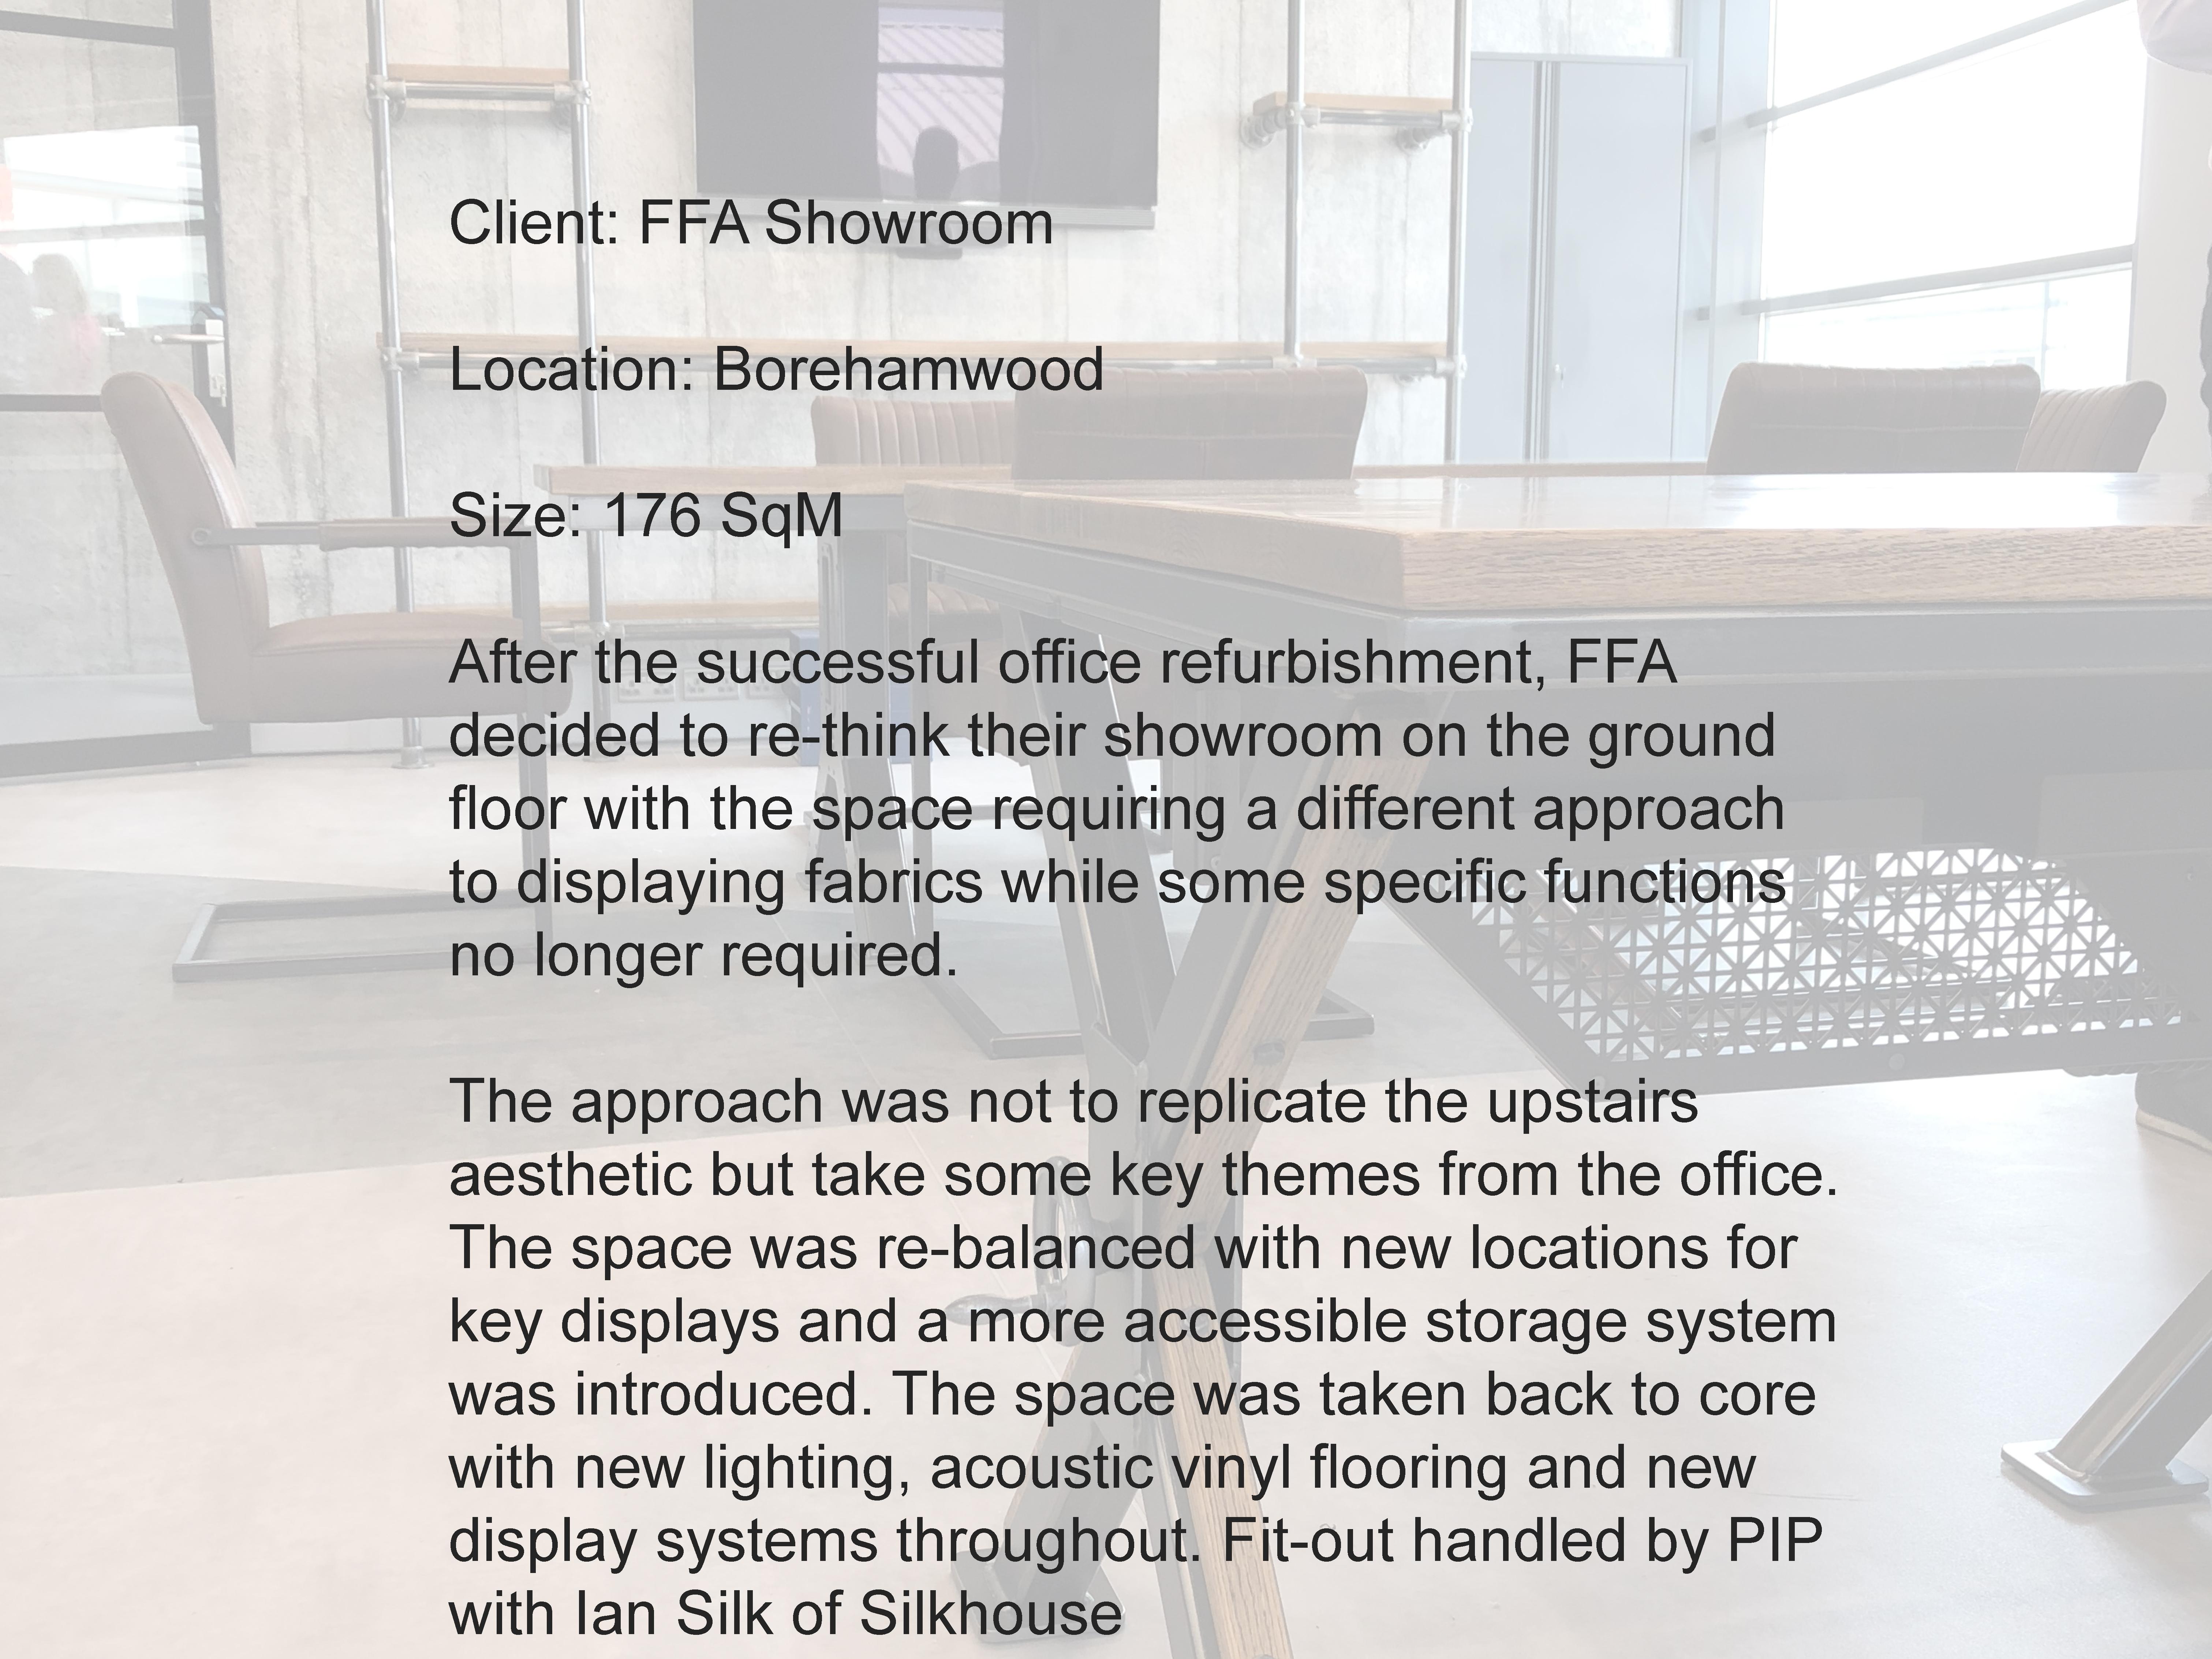 FFA Showroom text